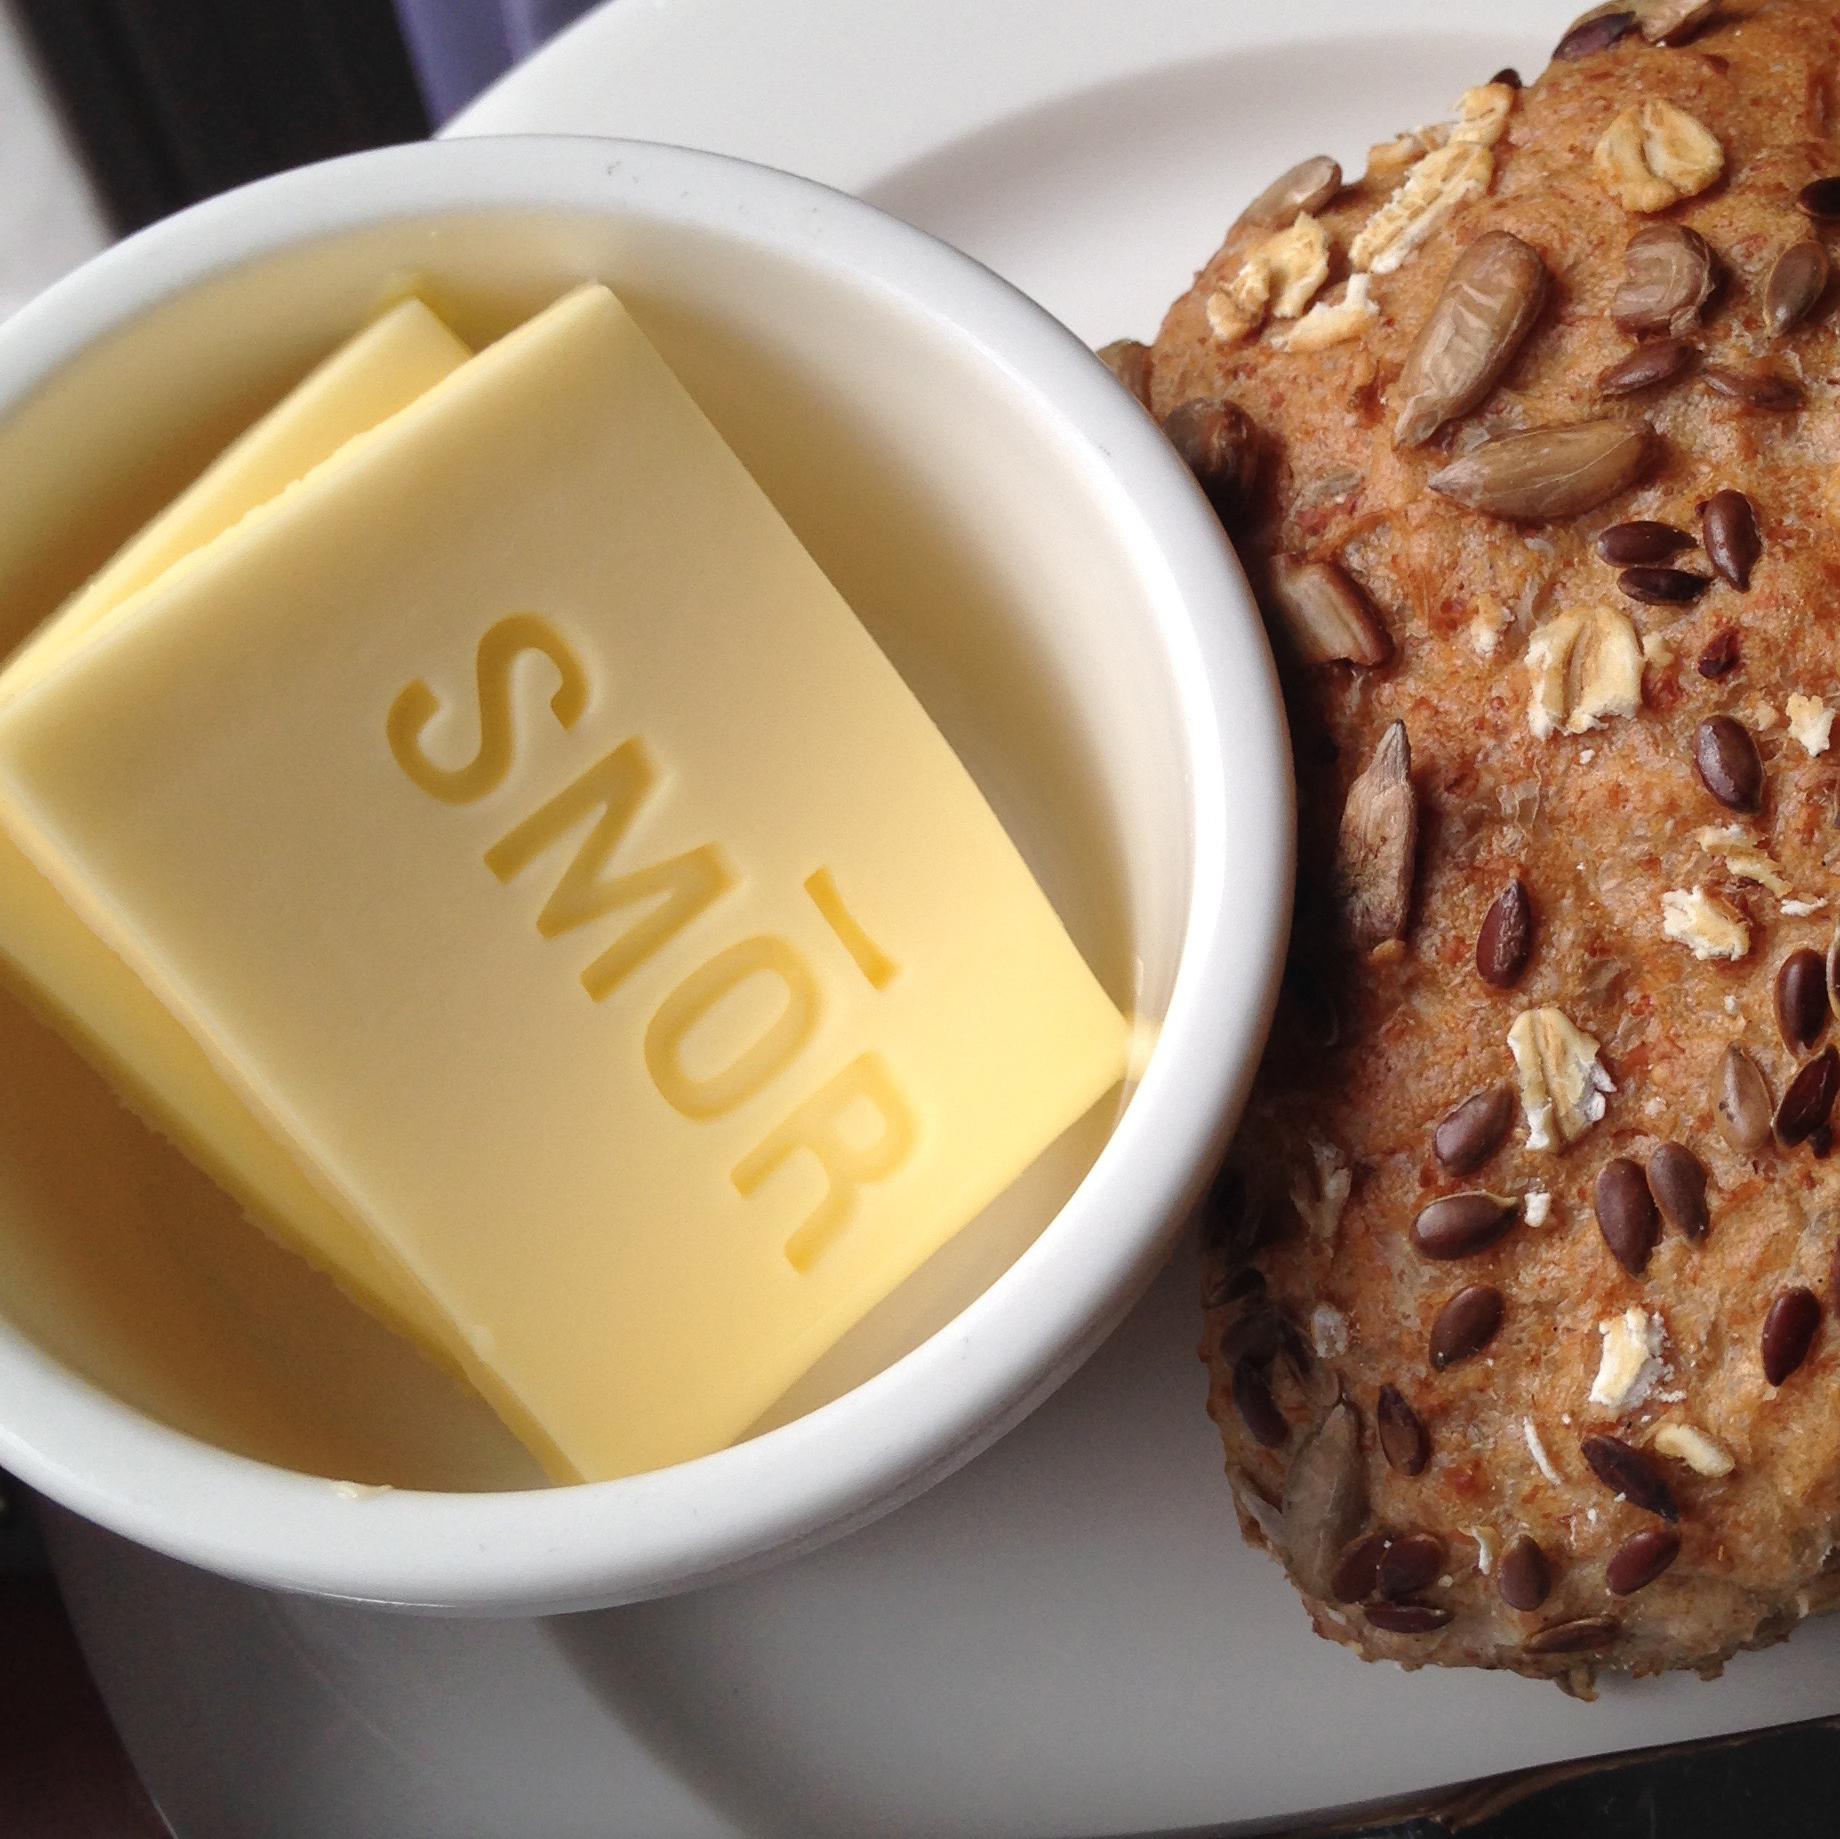 sheraton_stockholm_hotel_butter_smor